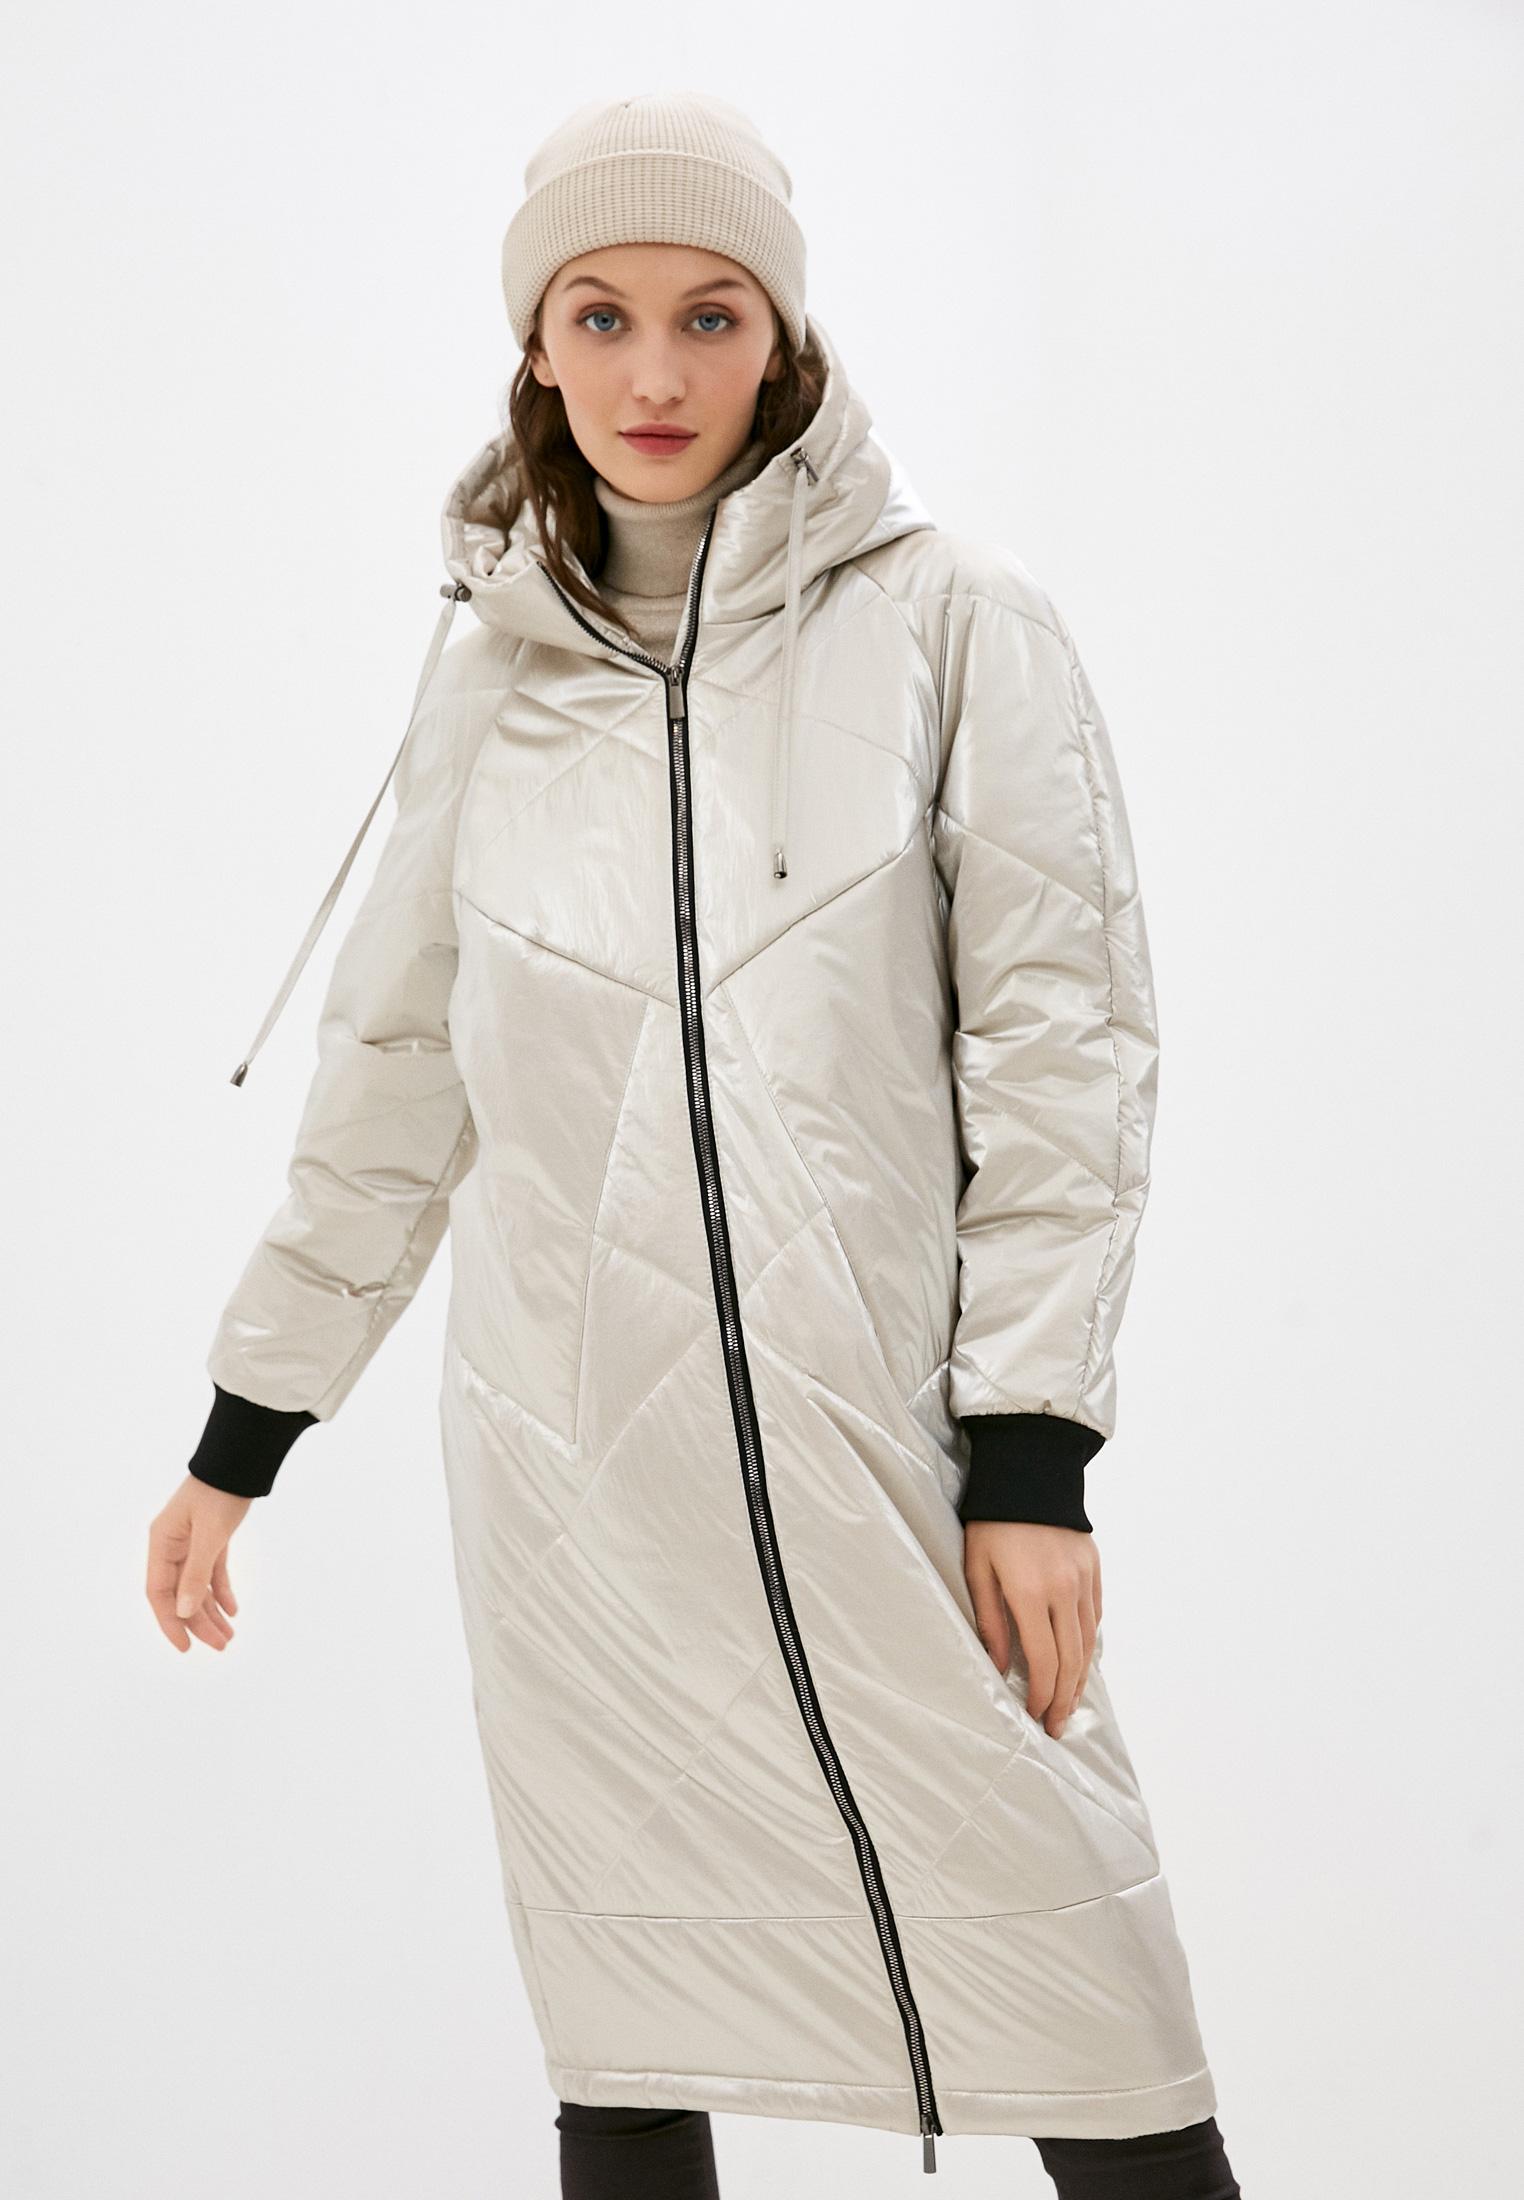 Утепленная куртка Nataliy Beate Пальто мод 165